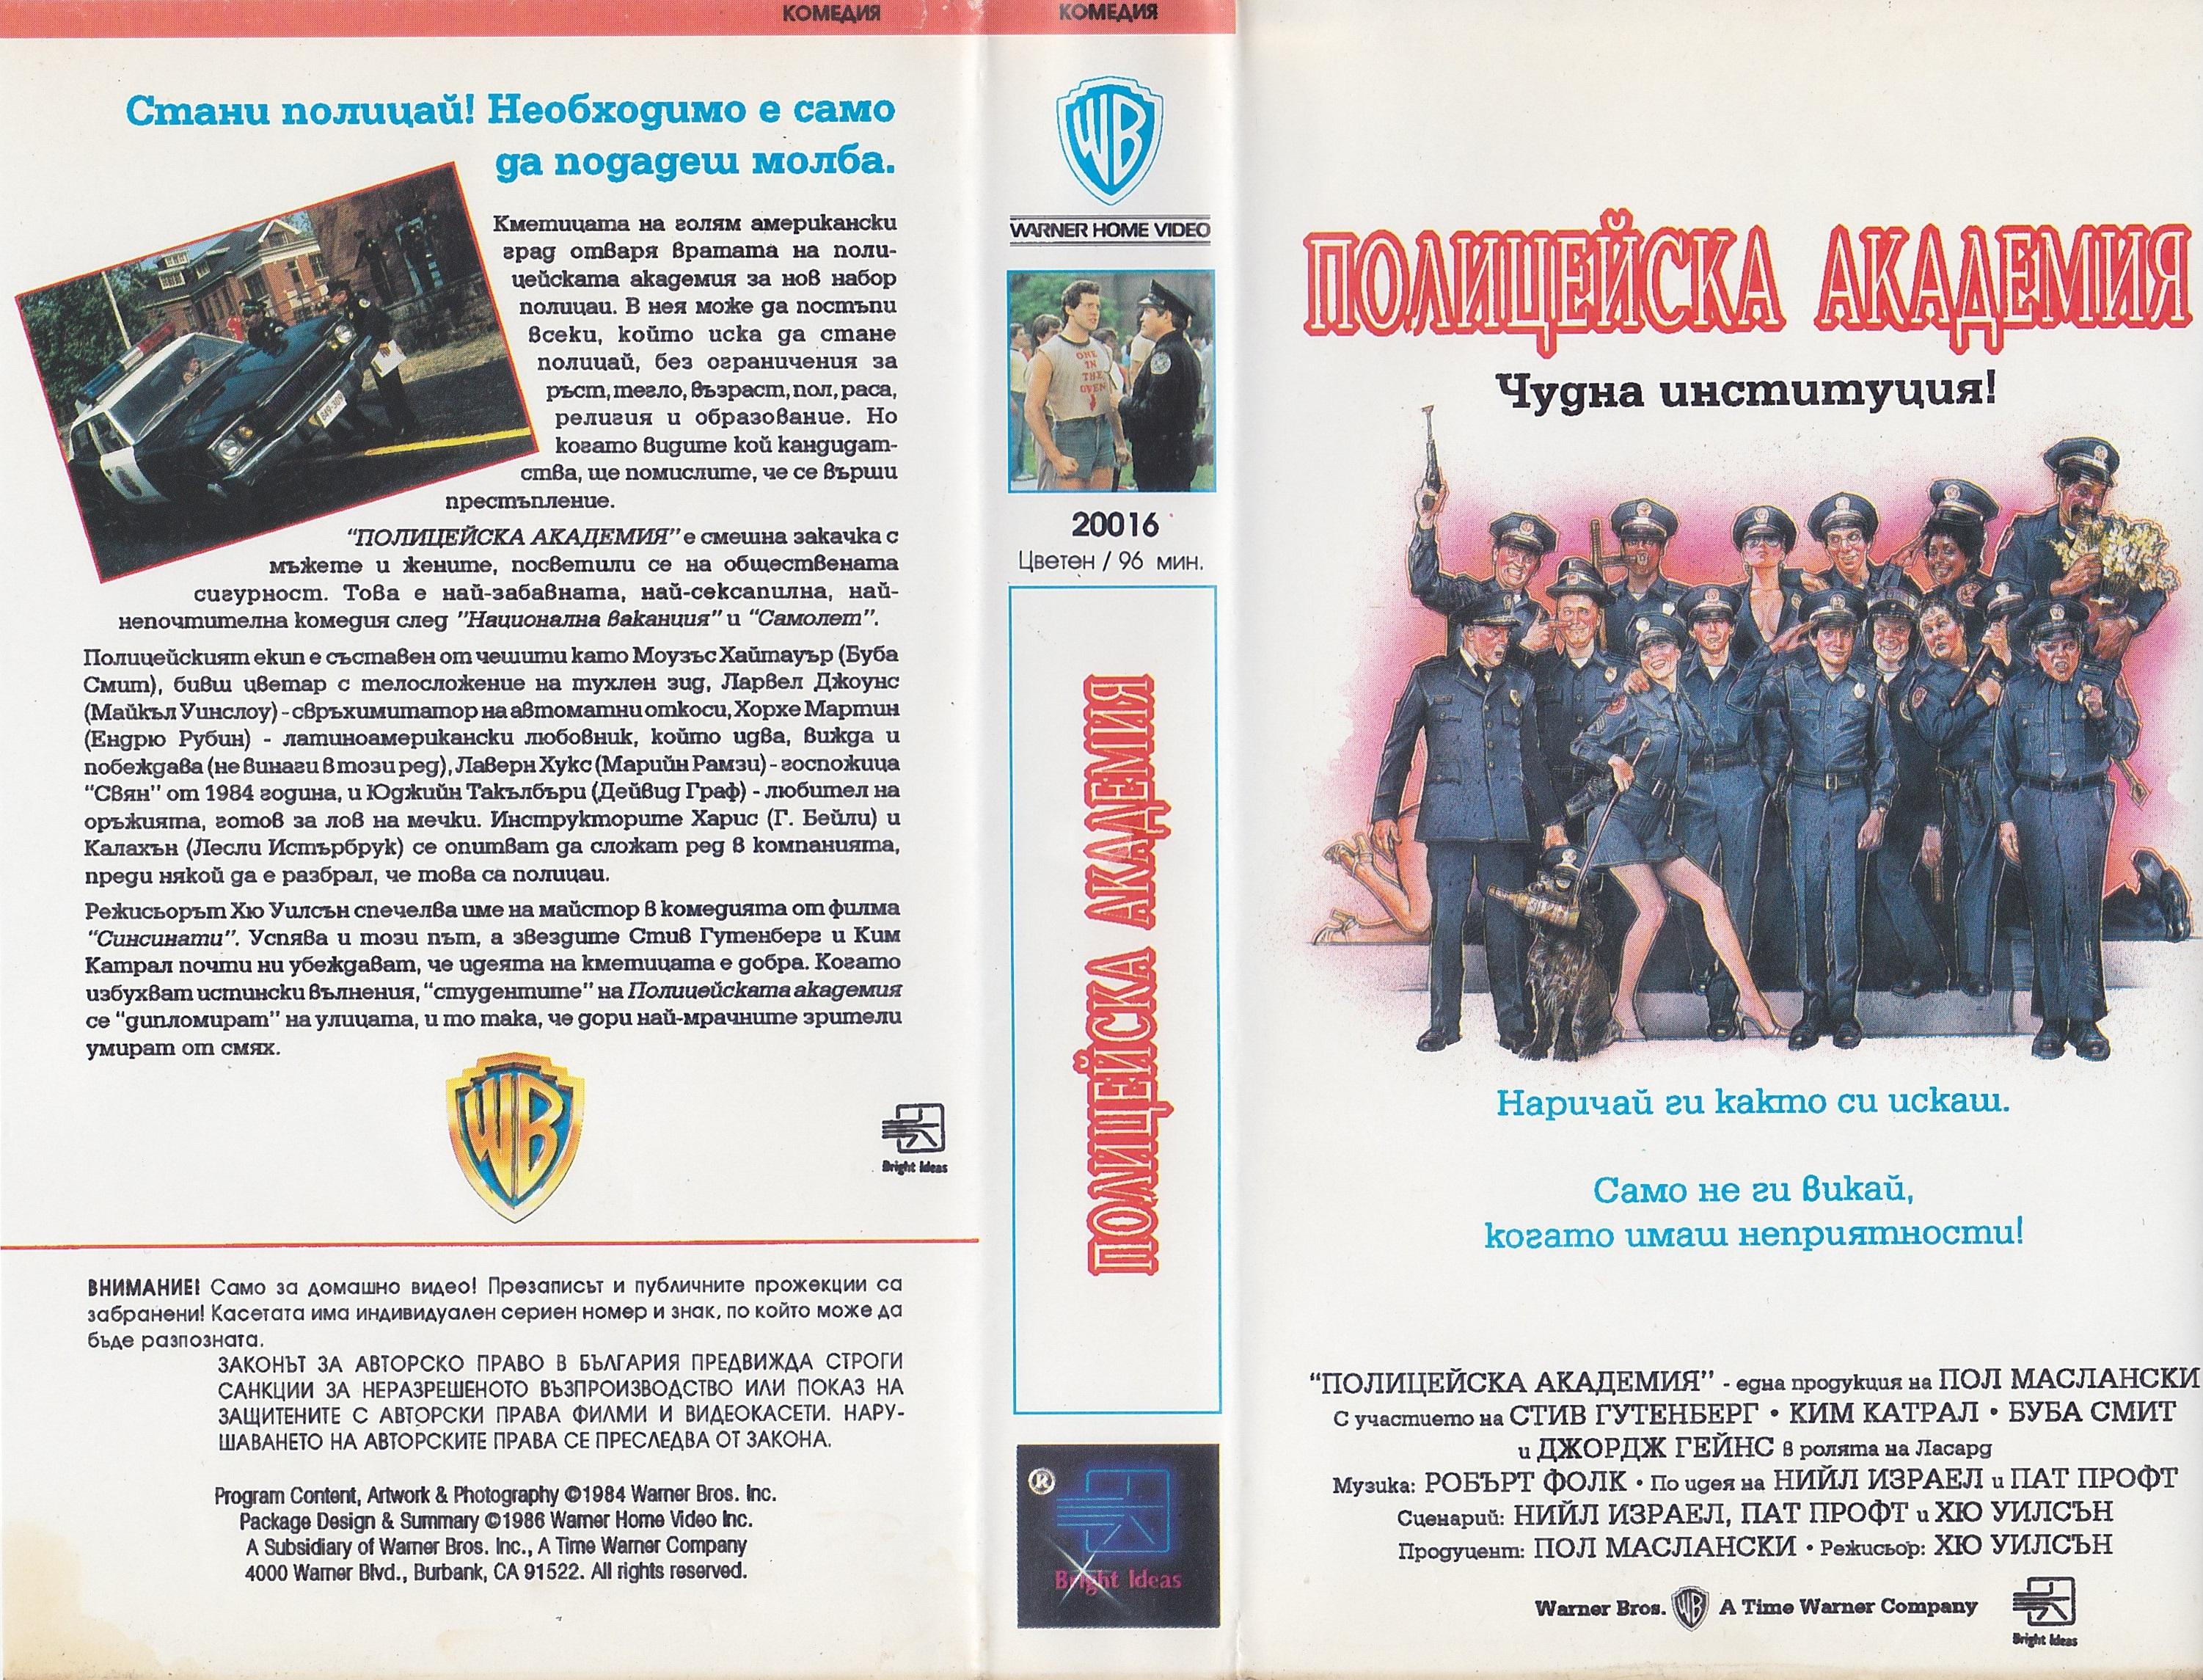 Полицейска Академия филм постер